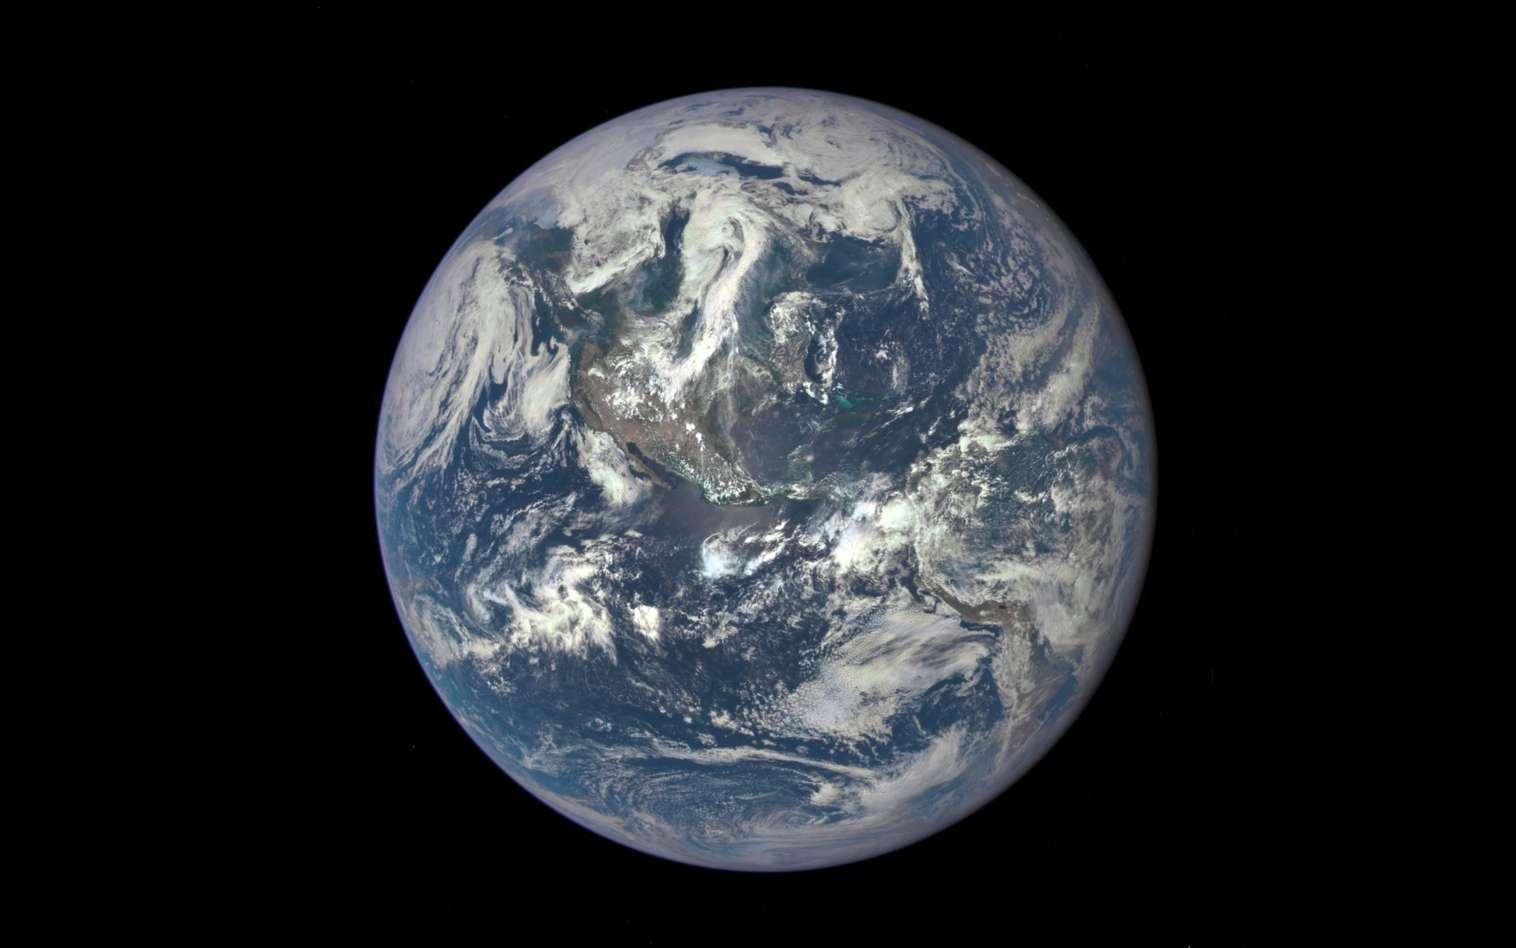 Première image de la Terre prise par le satellite DSCOVR, le 6 juillet 2015. © Nasa, GSFC, NOAA, USAir Force